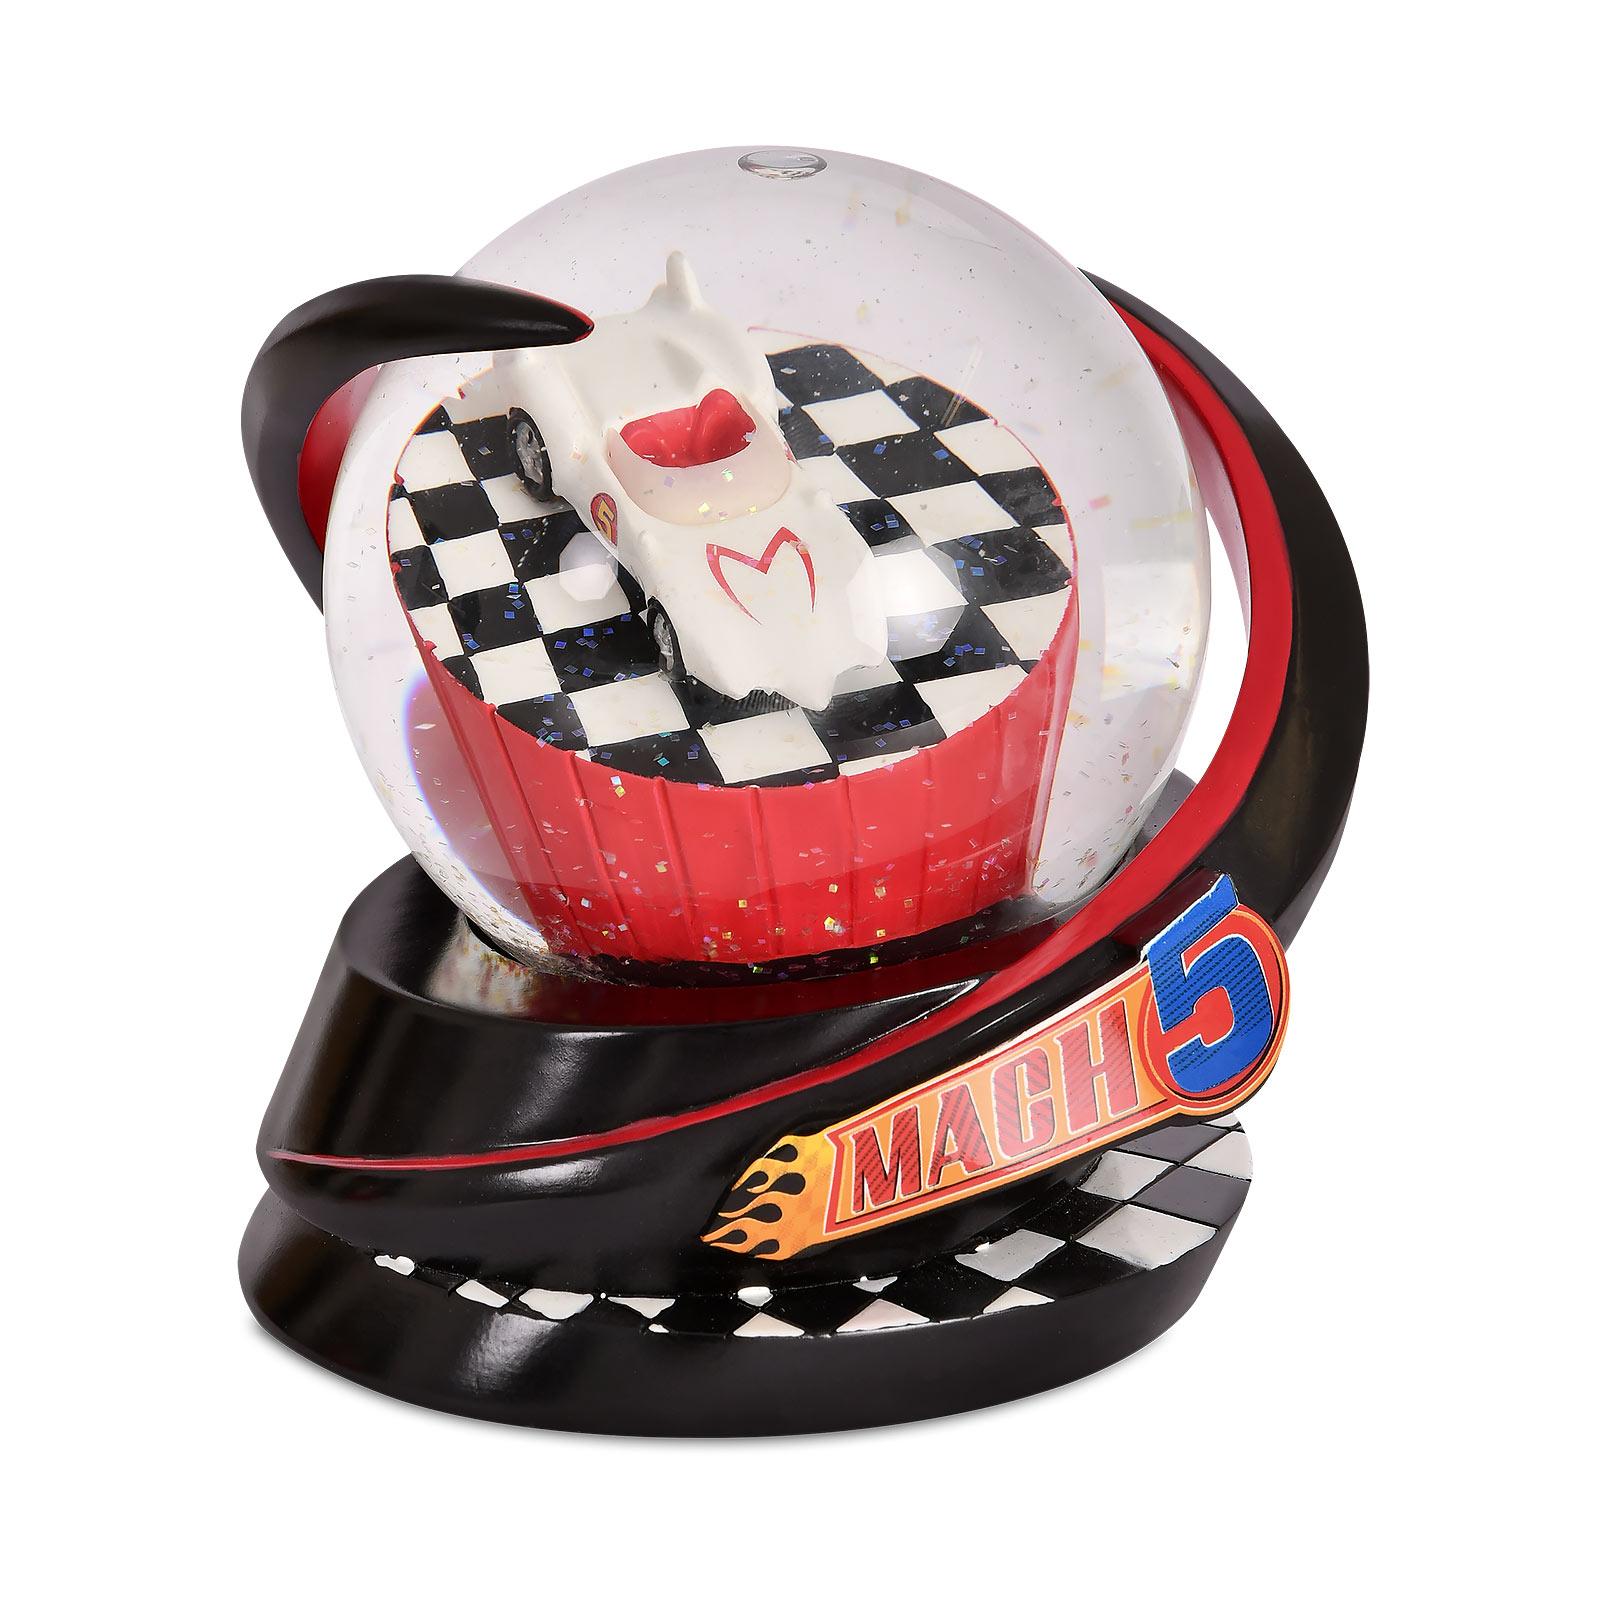 Speed Racer - Mach 5 Schneekugel mit Glitter